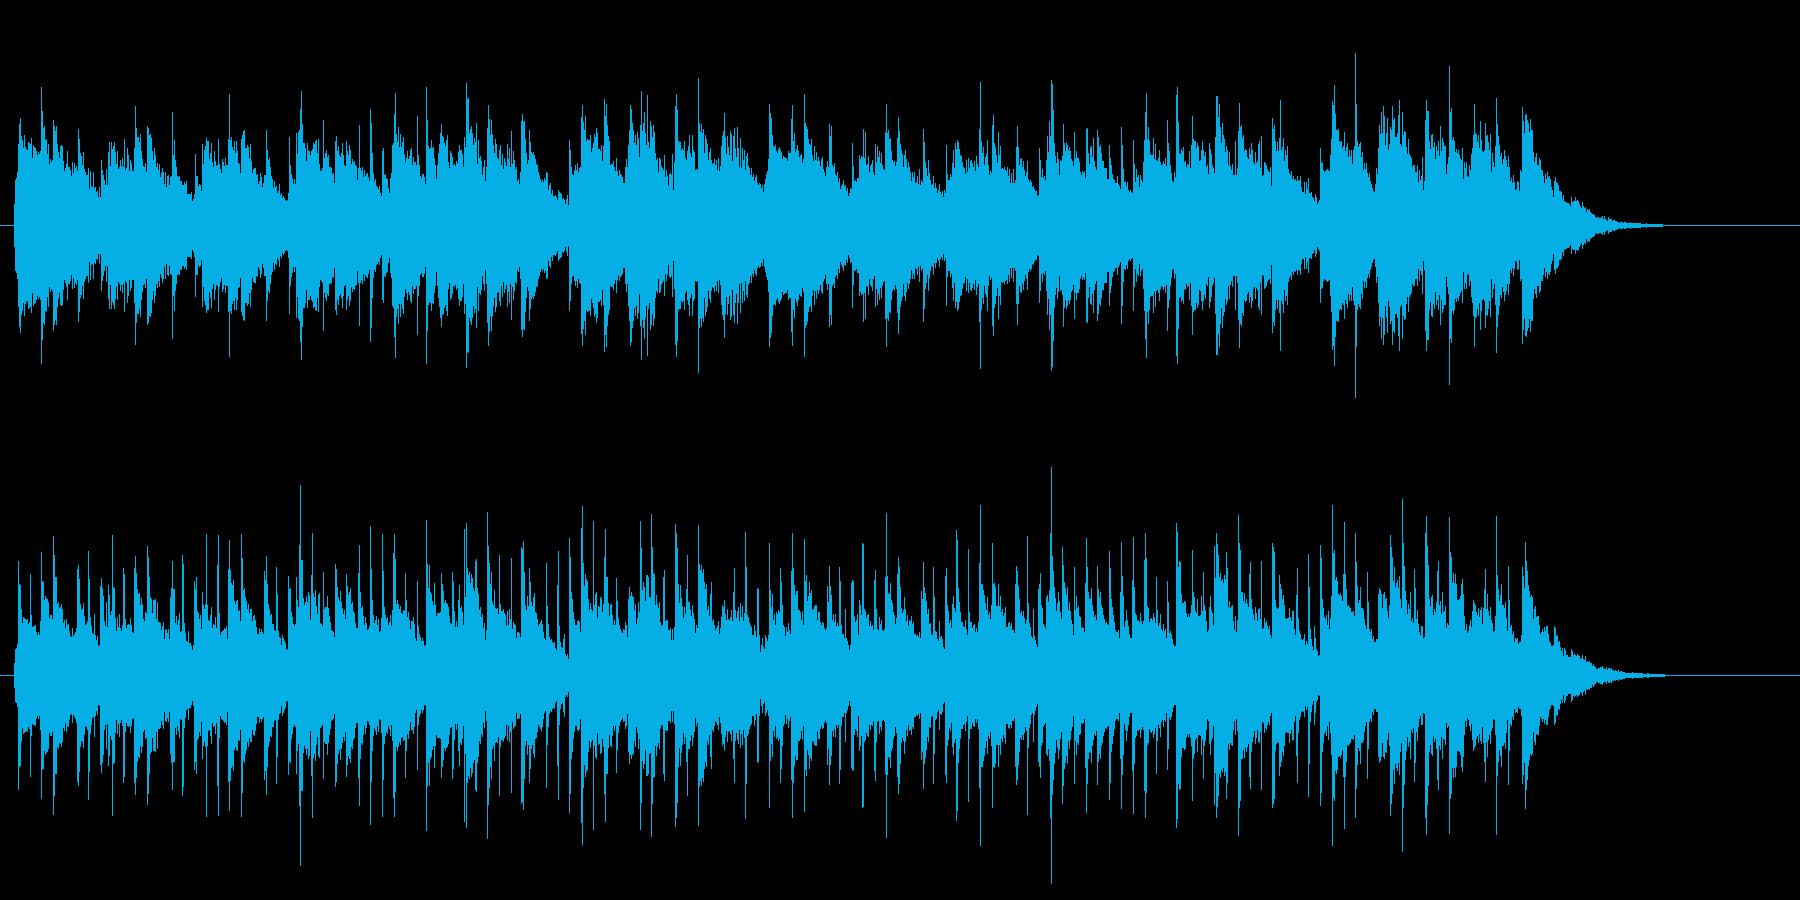 感傷に浸るアコースティック・ポップスの再生済みの波形